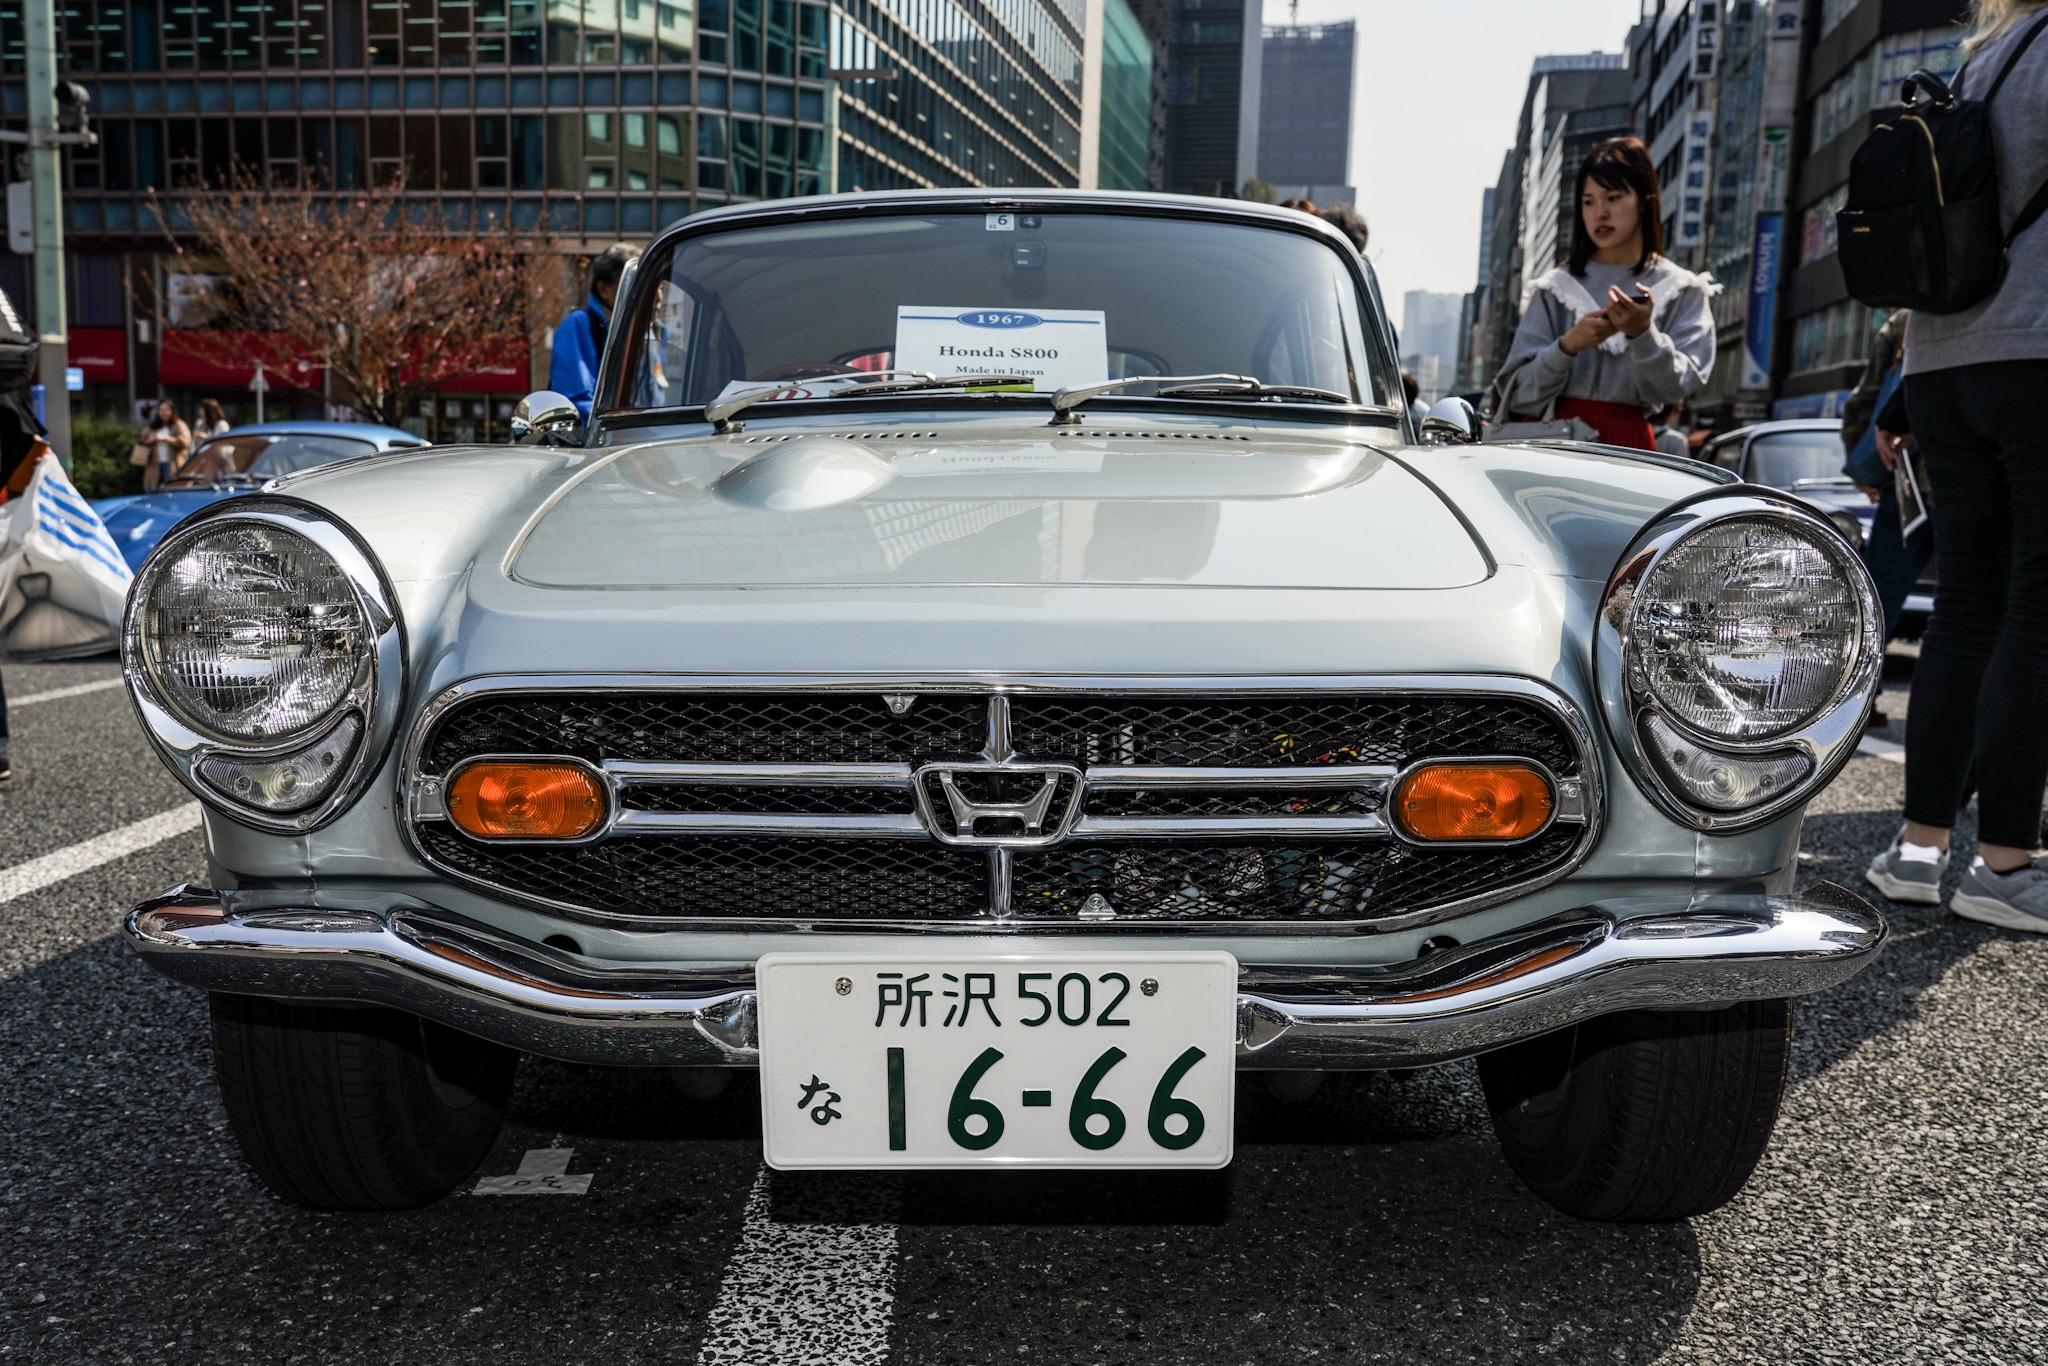 ホンダ S800 ジャパン・クラシック・オートモービル2019